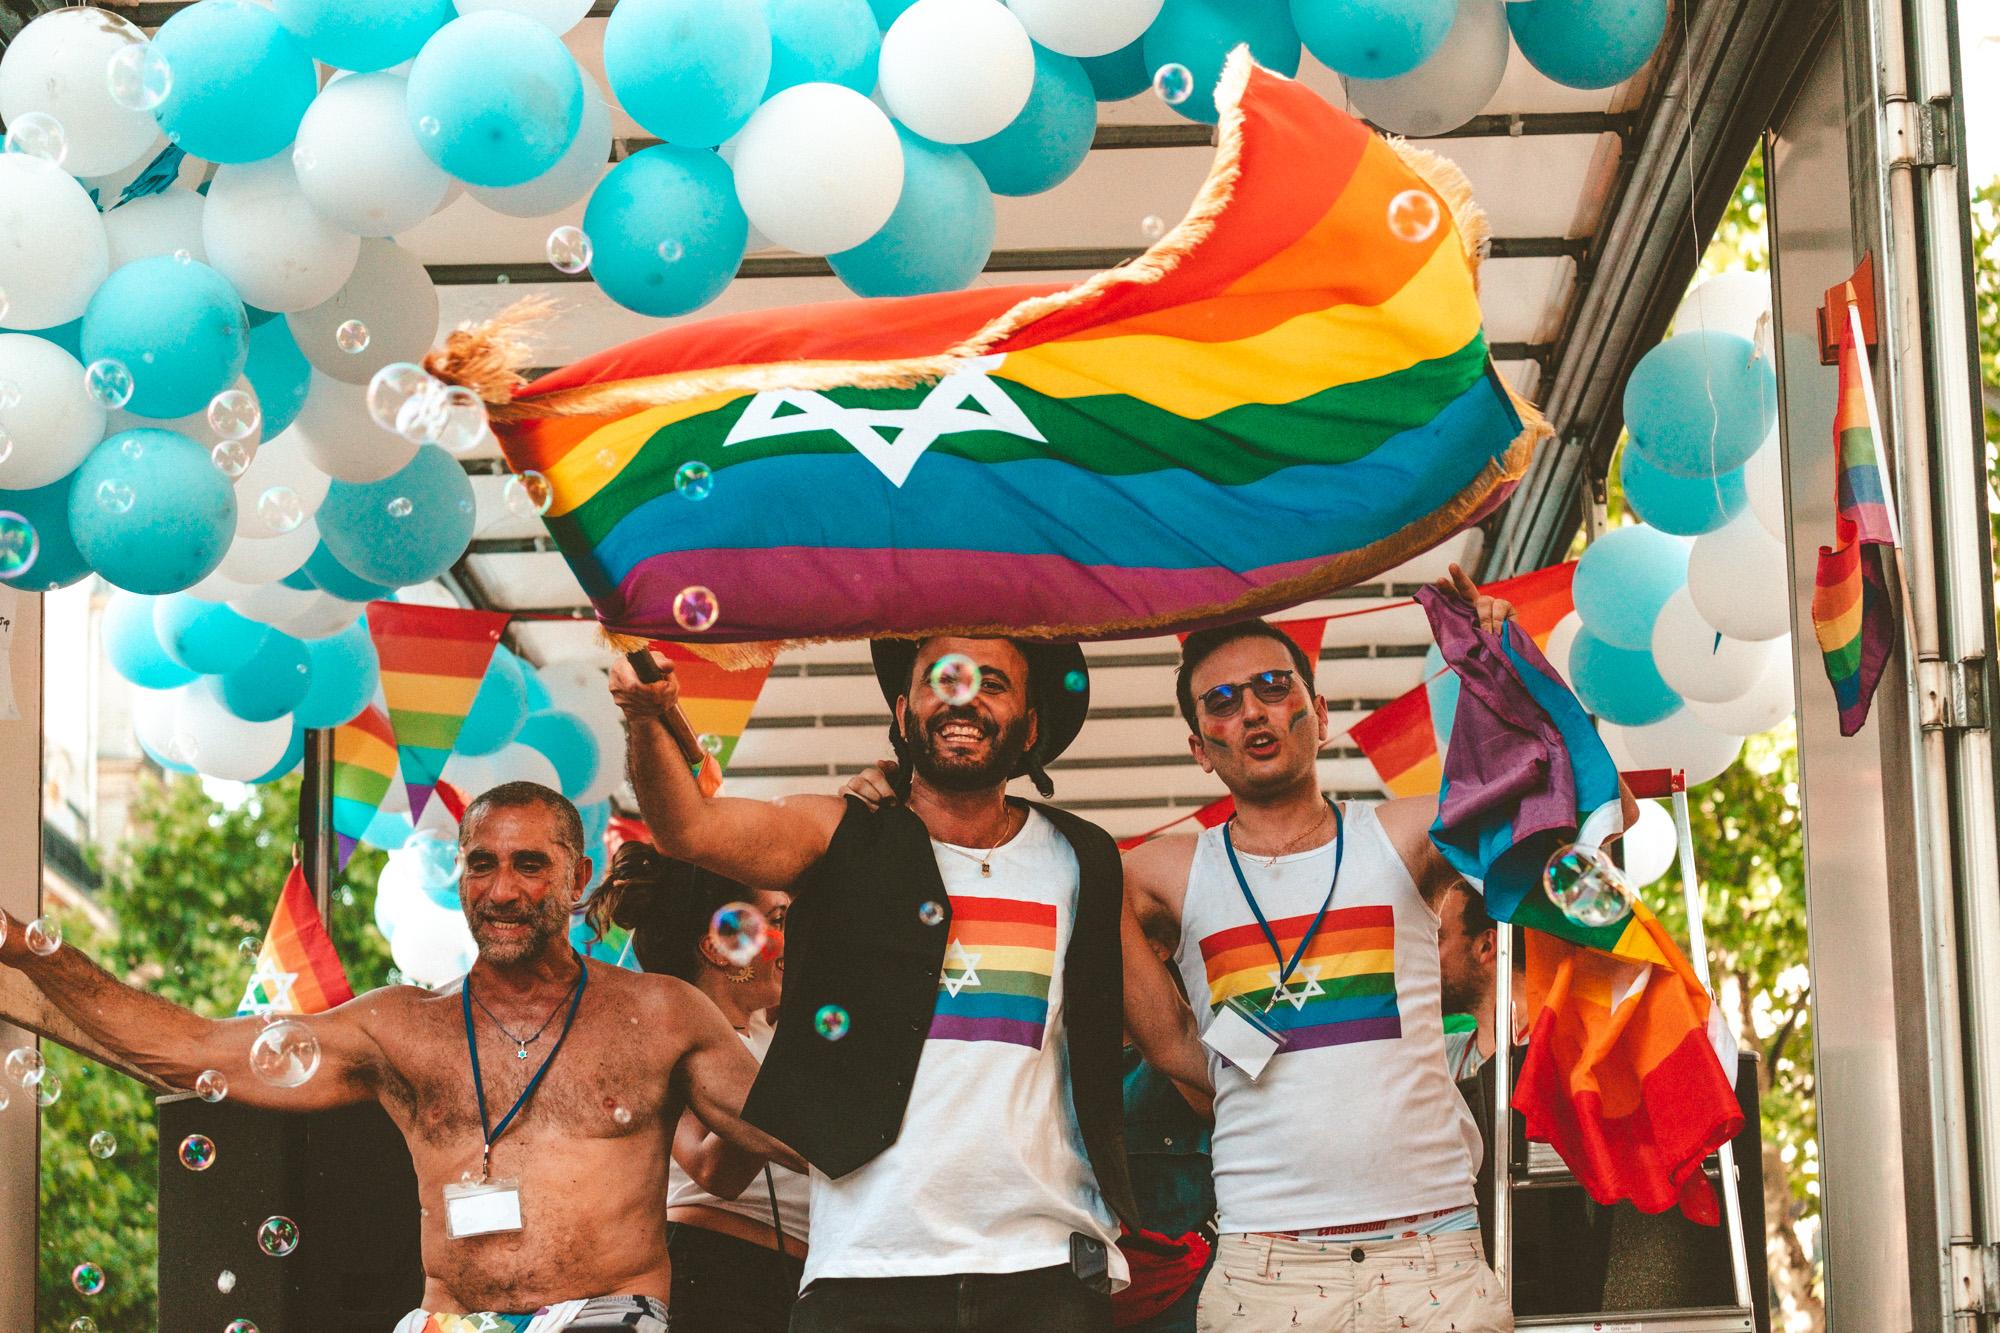 Marche des fiertés - gay Pride - photo Damien Rossier